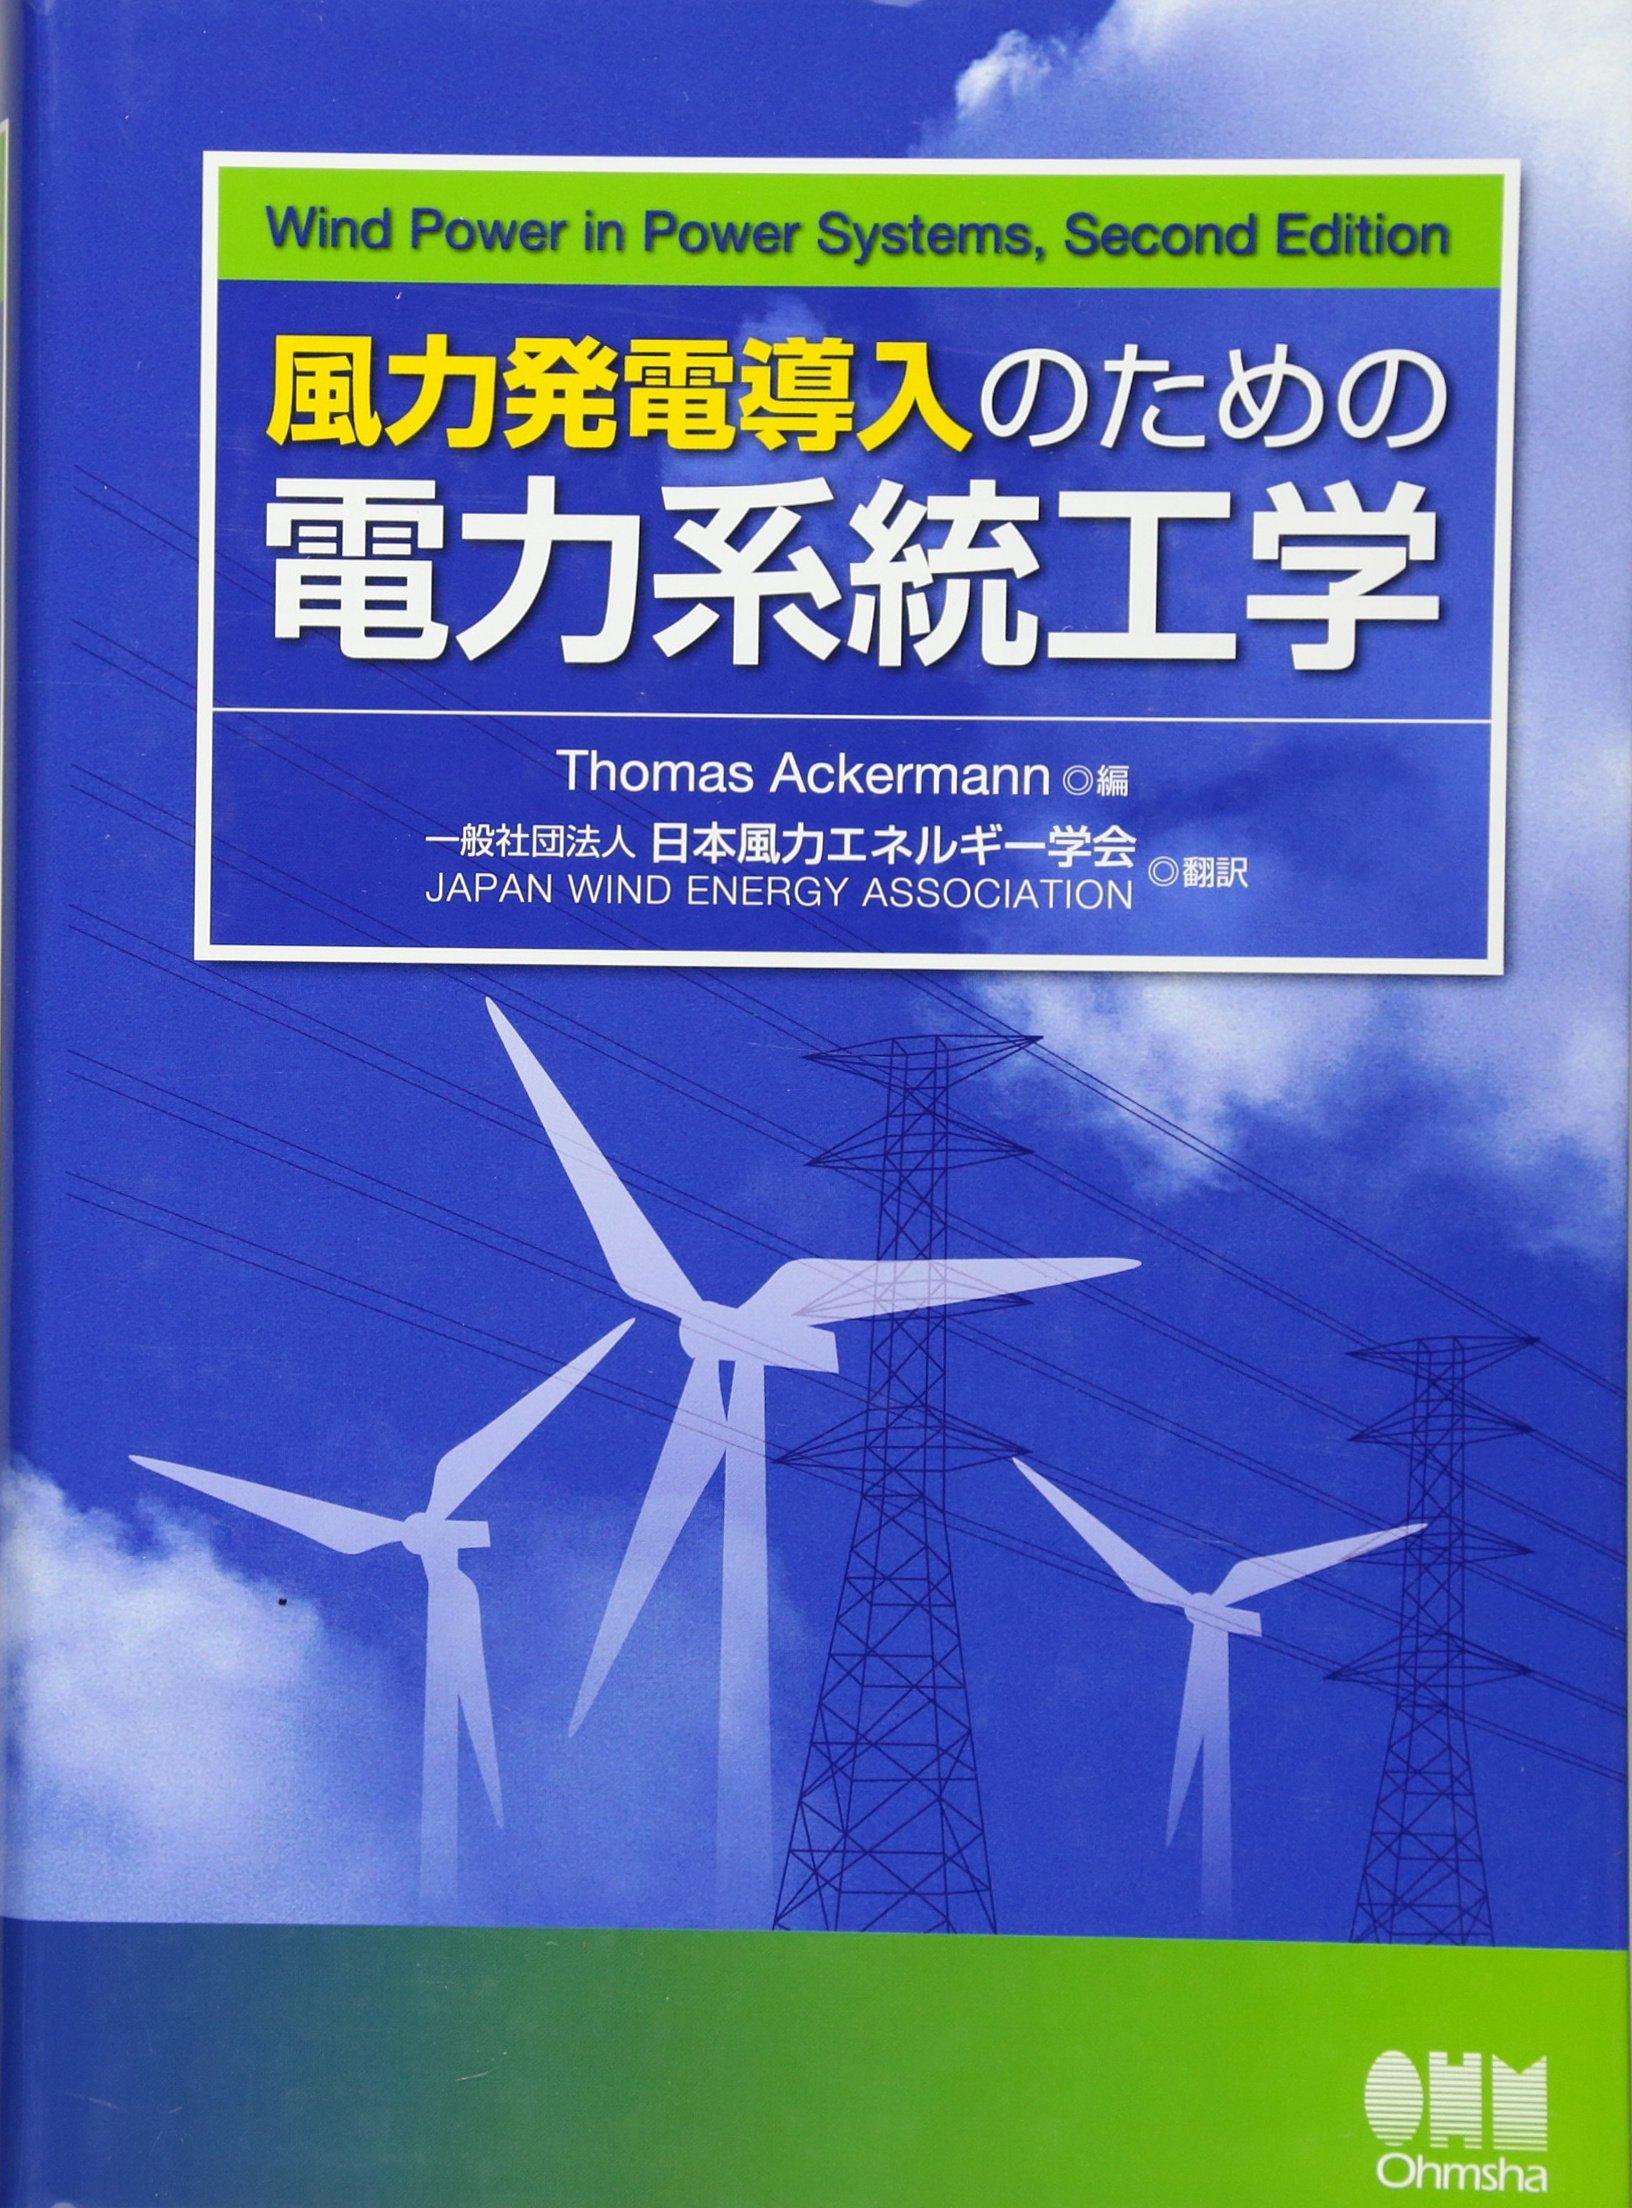 日本 風力 発電